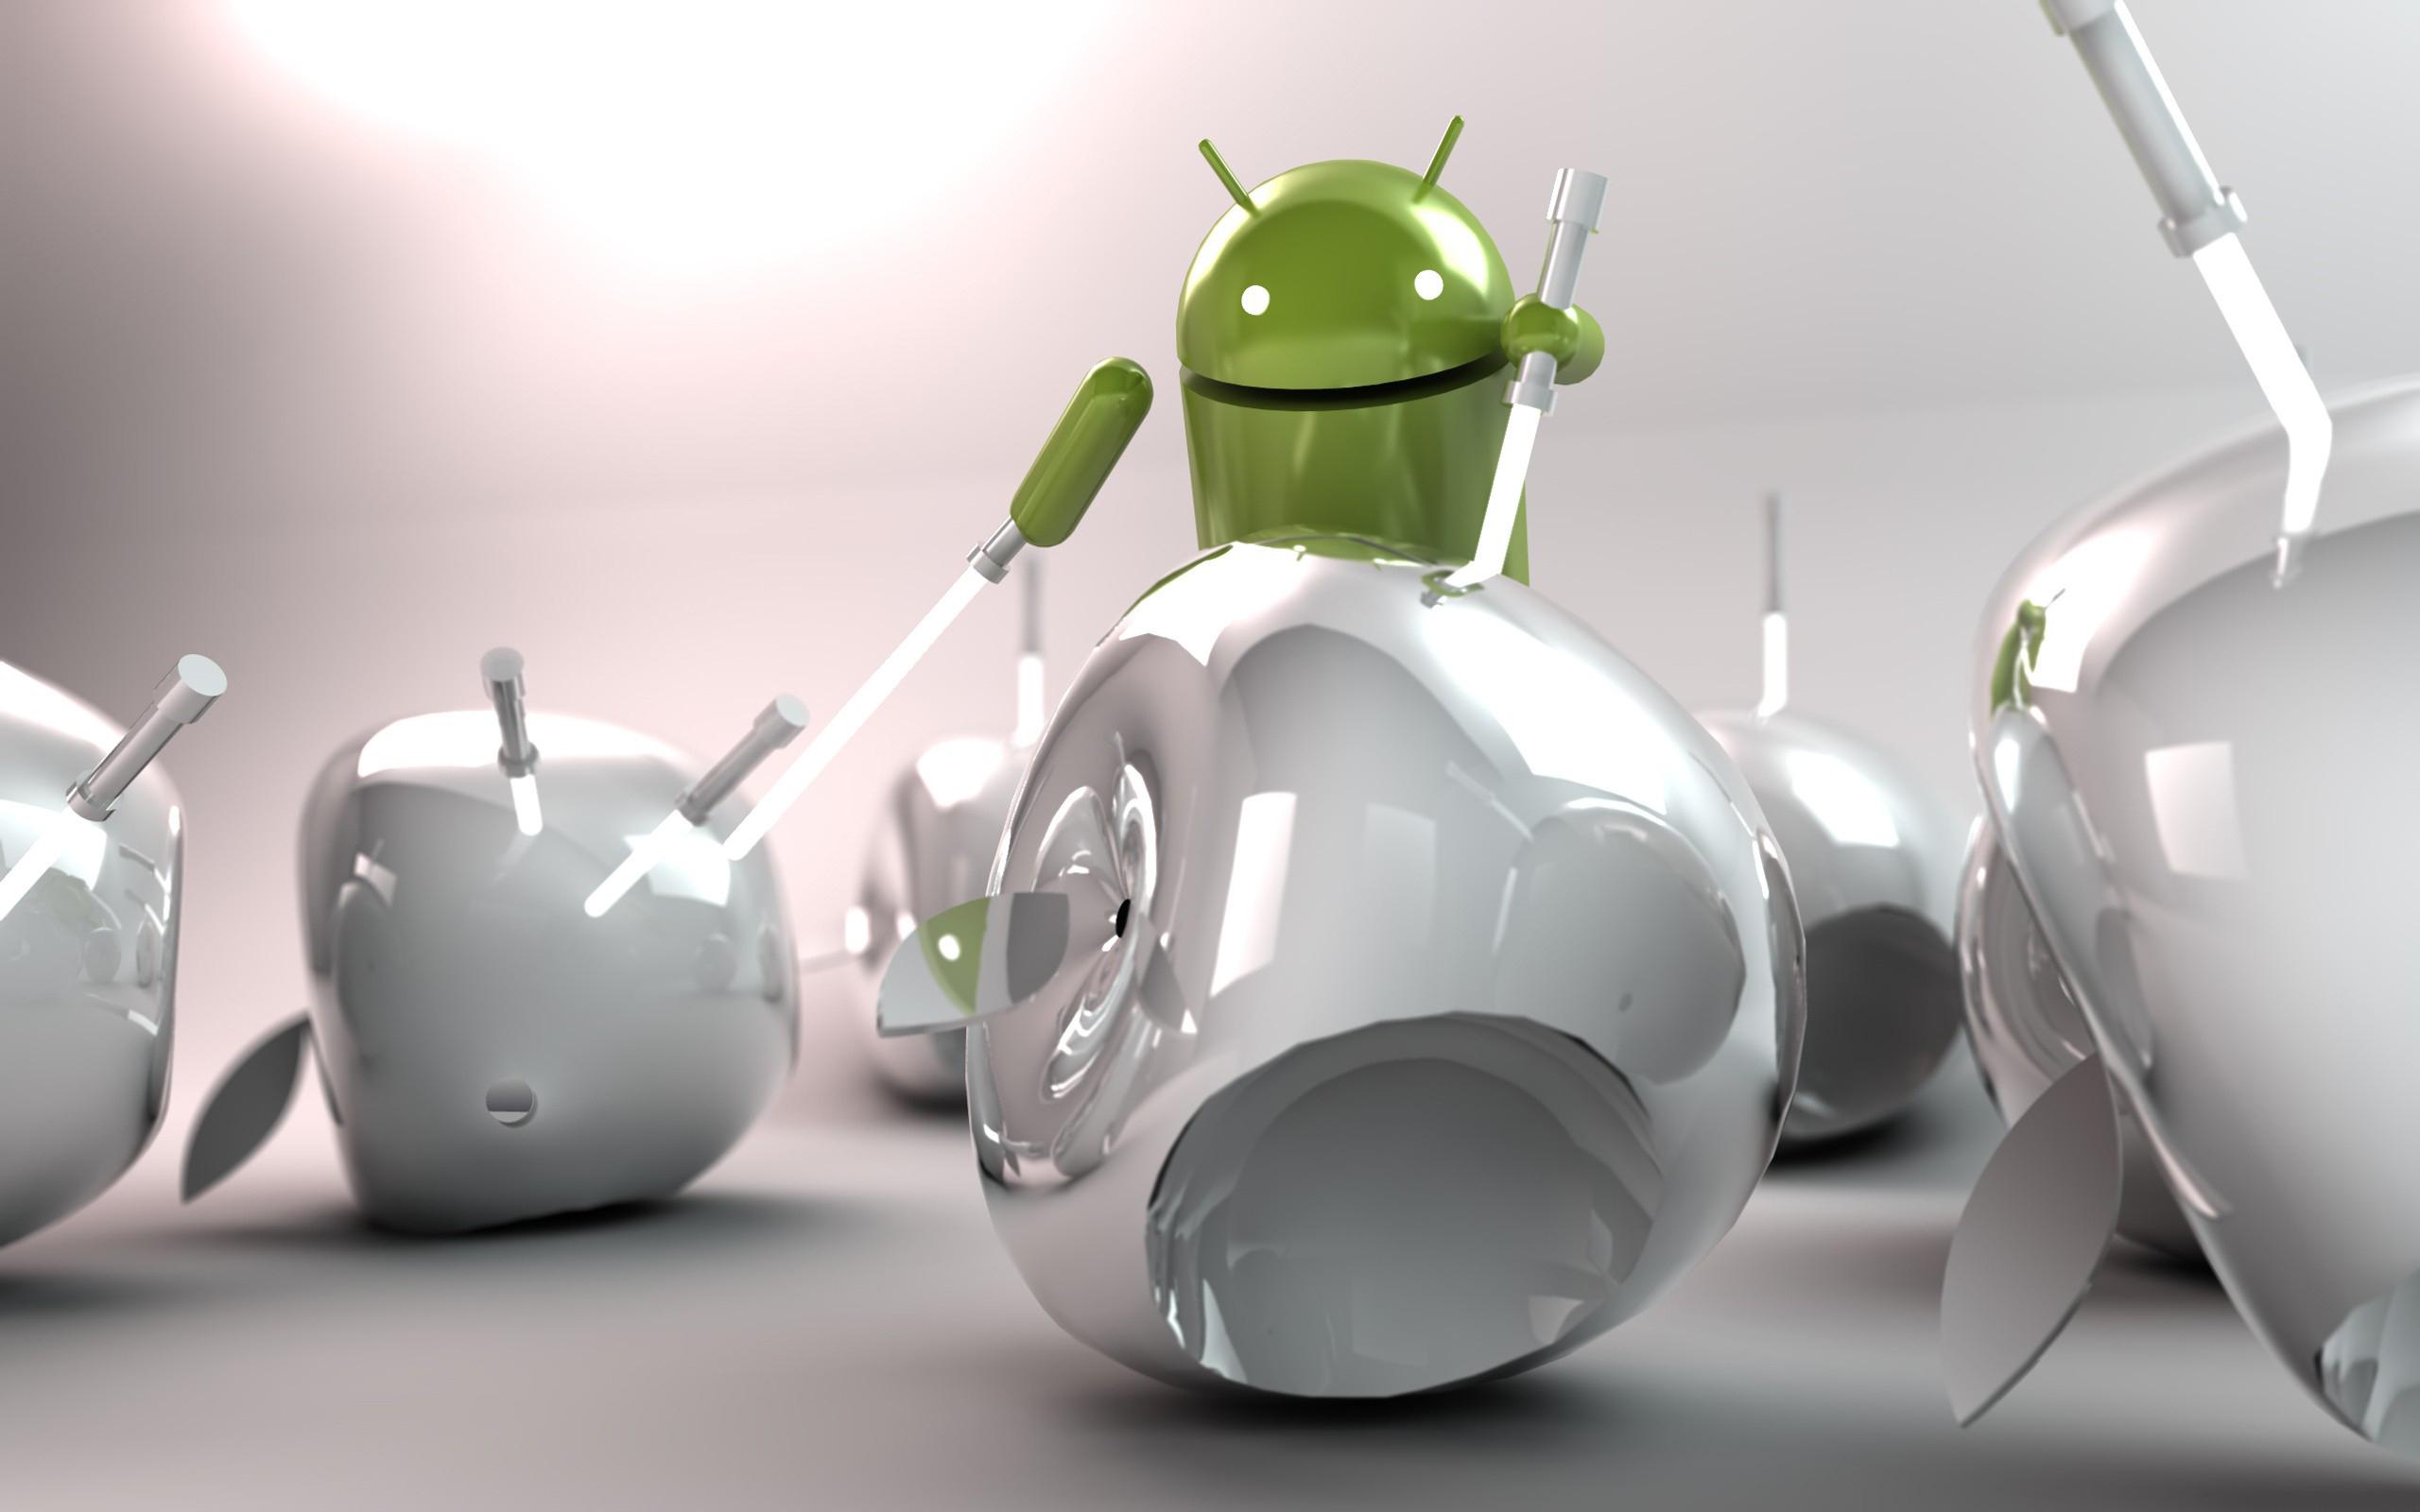 Прикольные Обои На Телефон Андроид